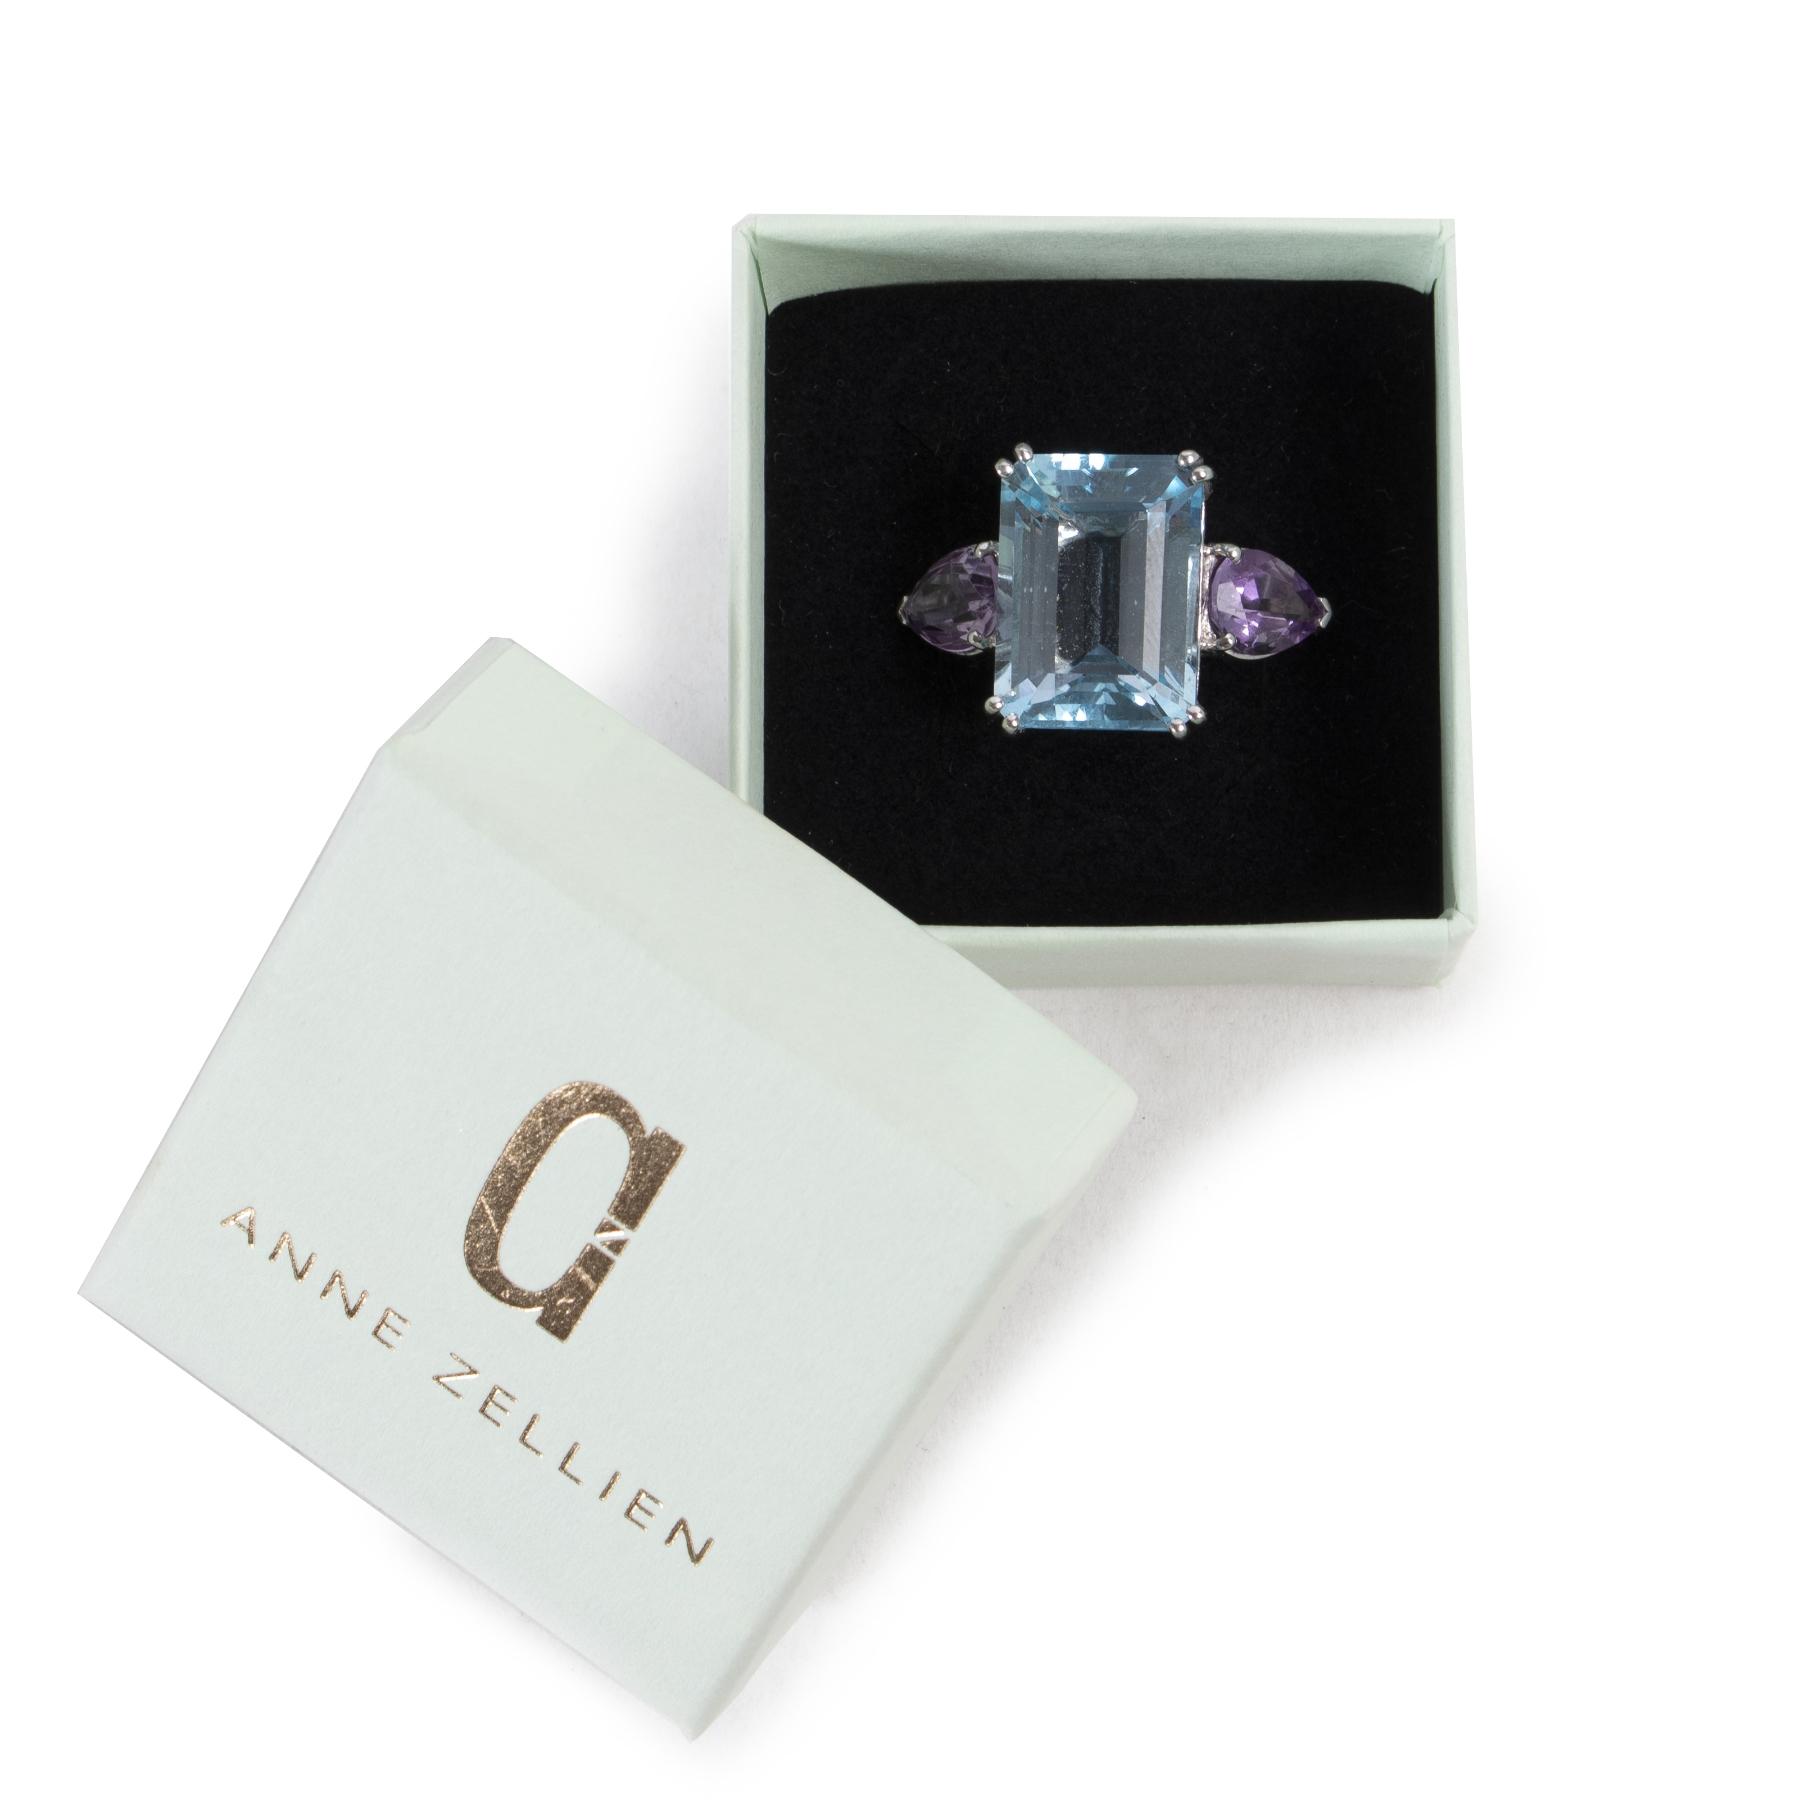 acheter en ligne seconde main Anne Zellien Ring Sterling Silver, Topaz, Citrin Ring